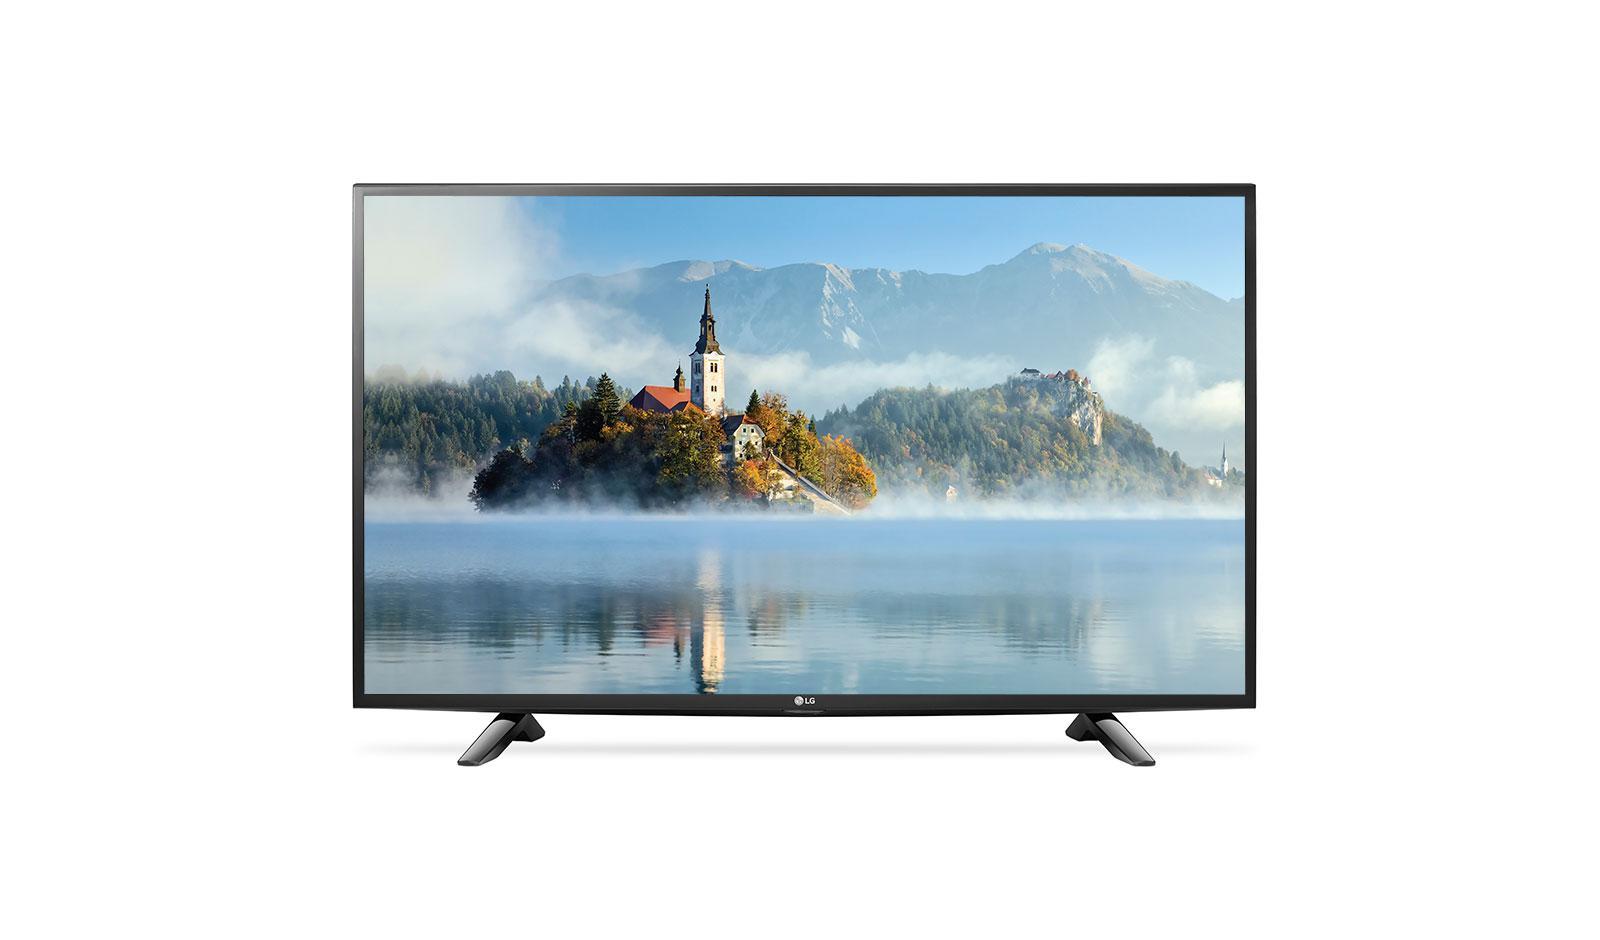 LG 49LJ510M: 49-inch Full HD 1080p LED TV | LG USA